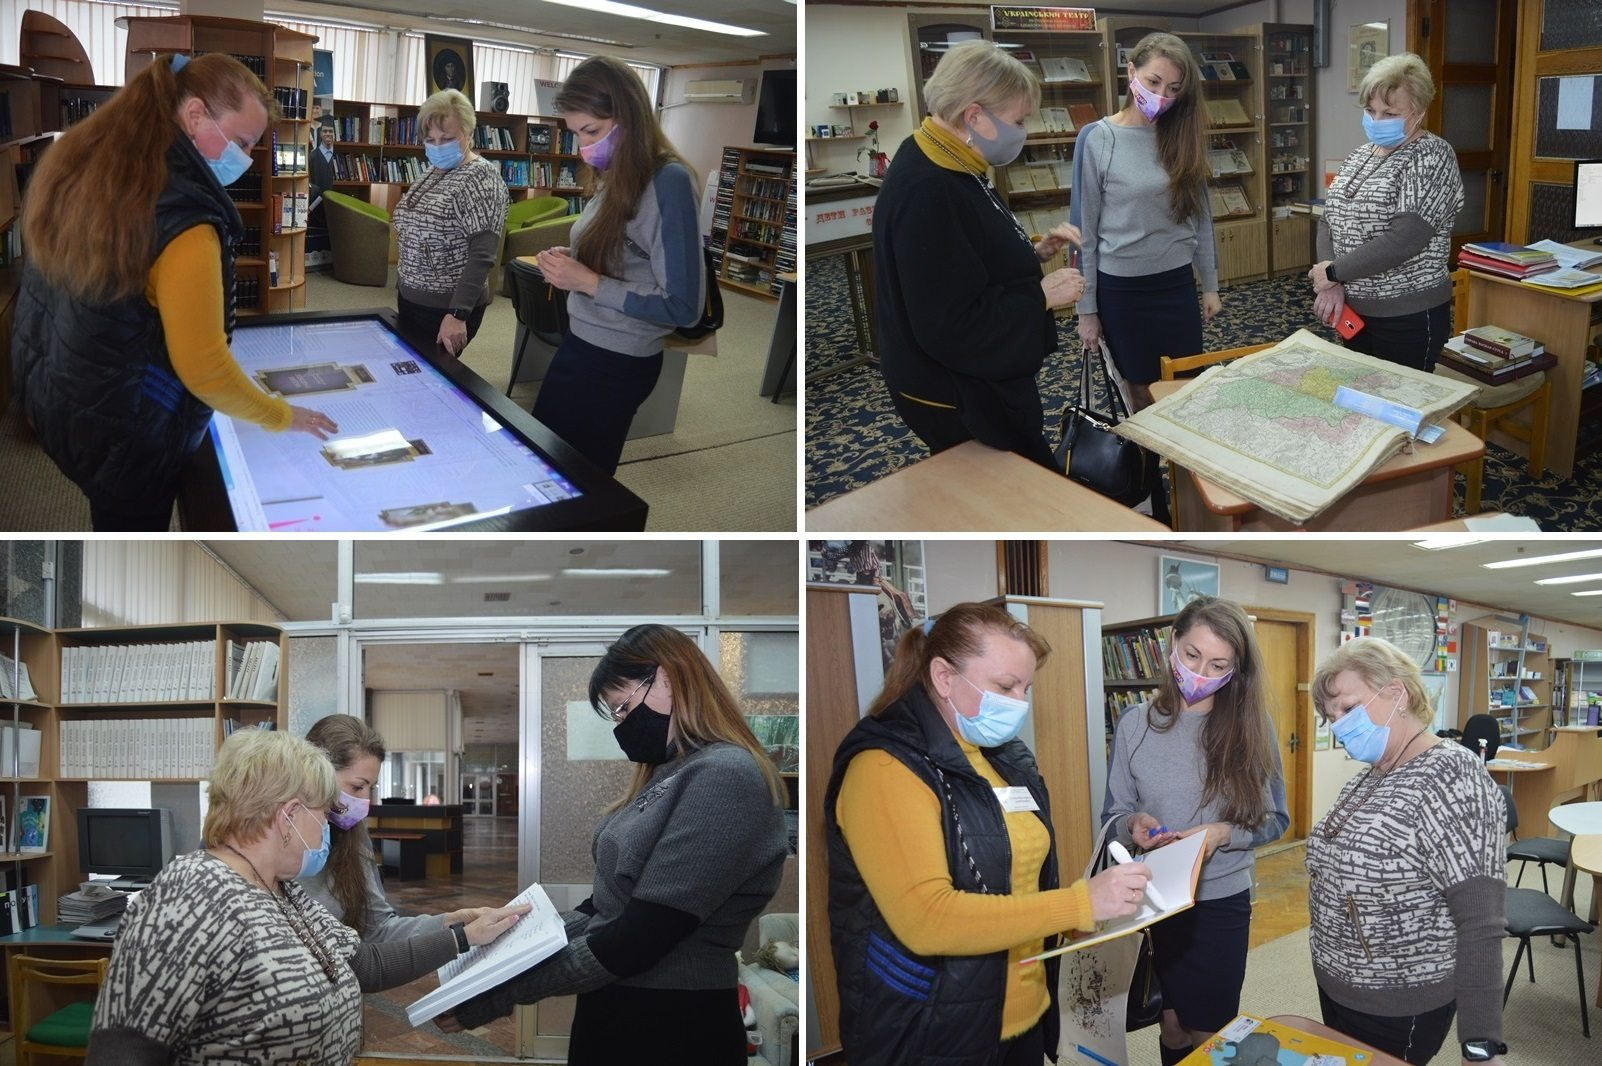 У Херсонської обласної бібліотеки побільшало меценатів